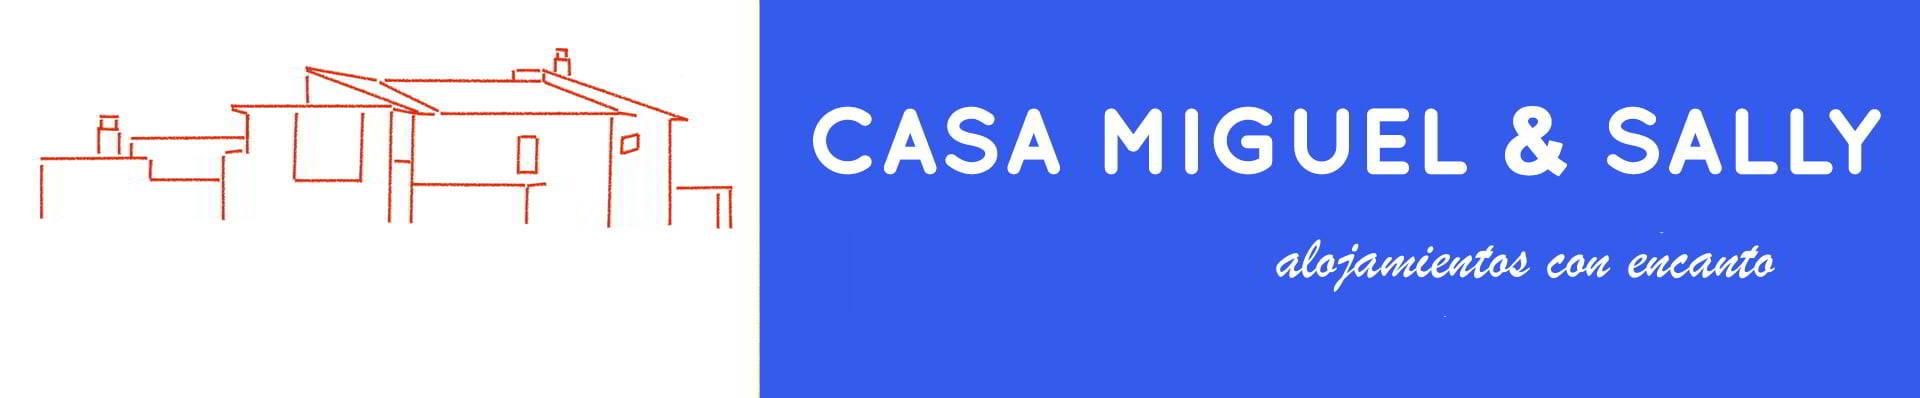 CASA MIGUEL Y SALLY, S.L.